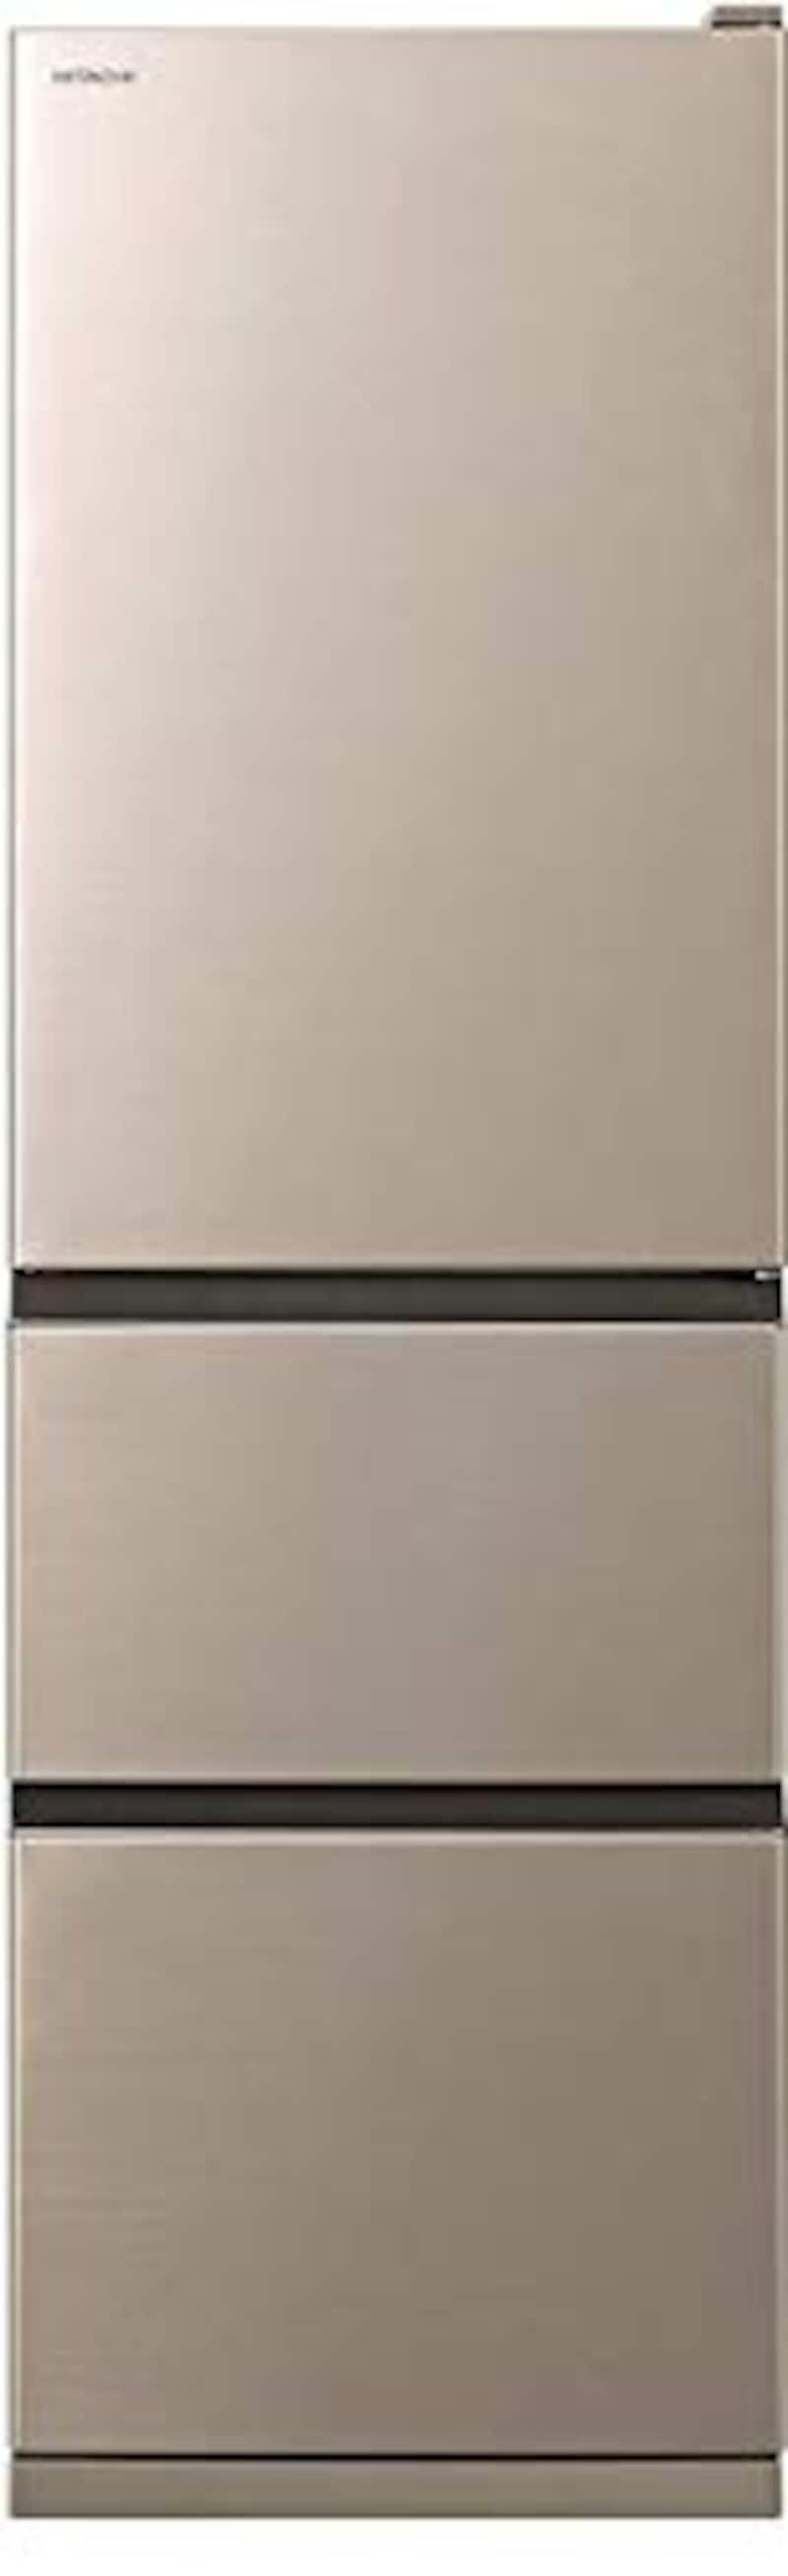 HITACIH(日立),冷蔵庫 315L,R-V32KVL N